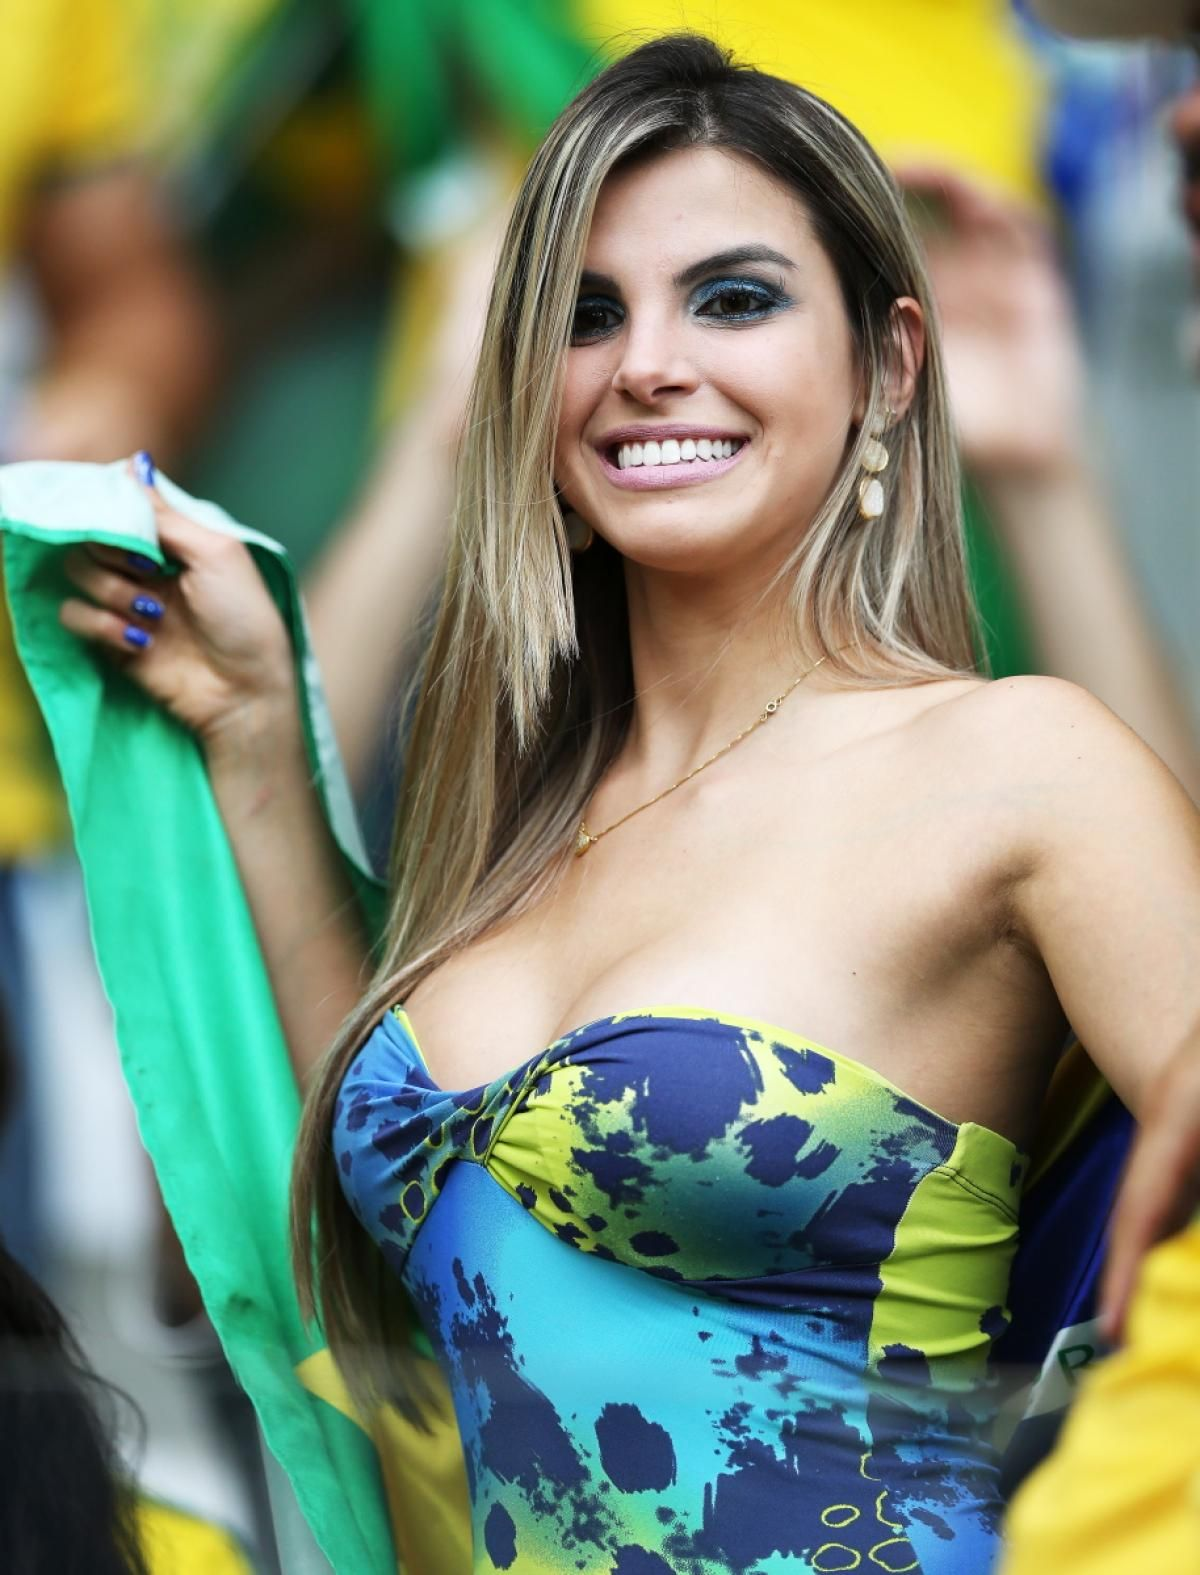 بالصور احلى بنات برازيليات , صور لجميلات البرازيل 2103 1